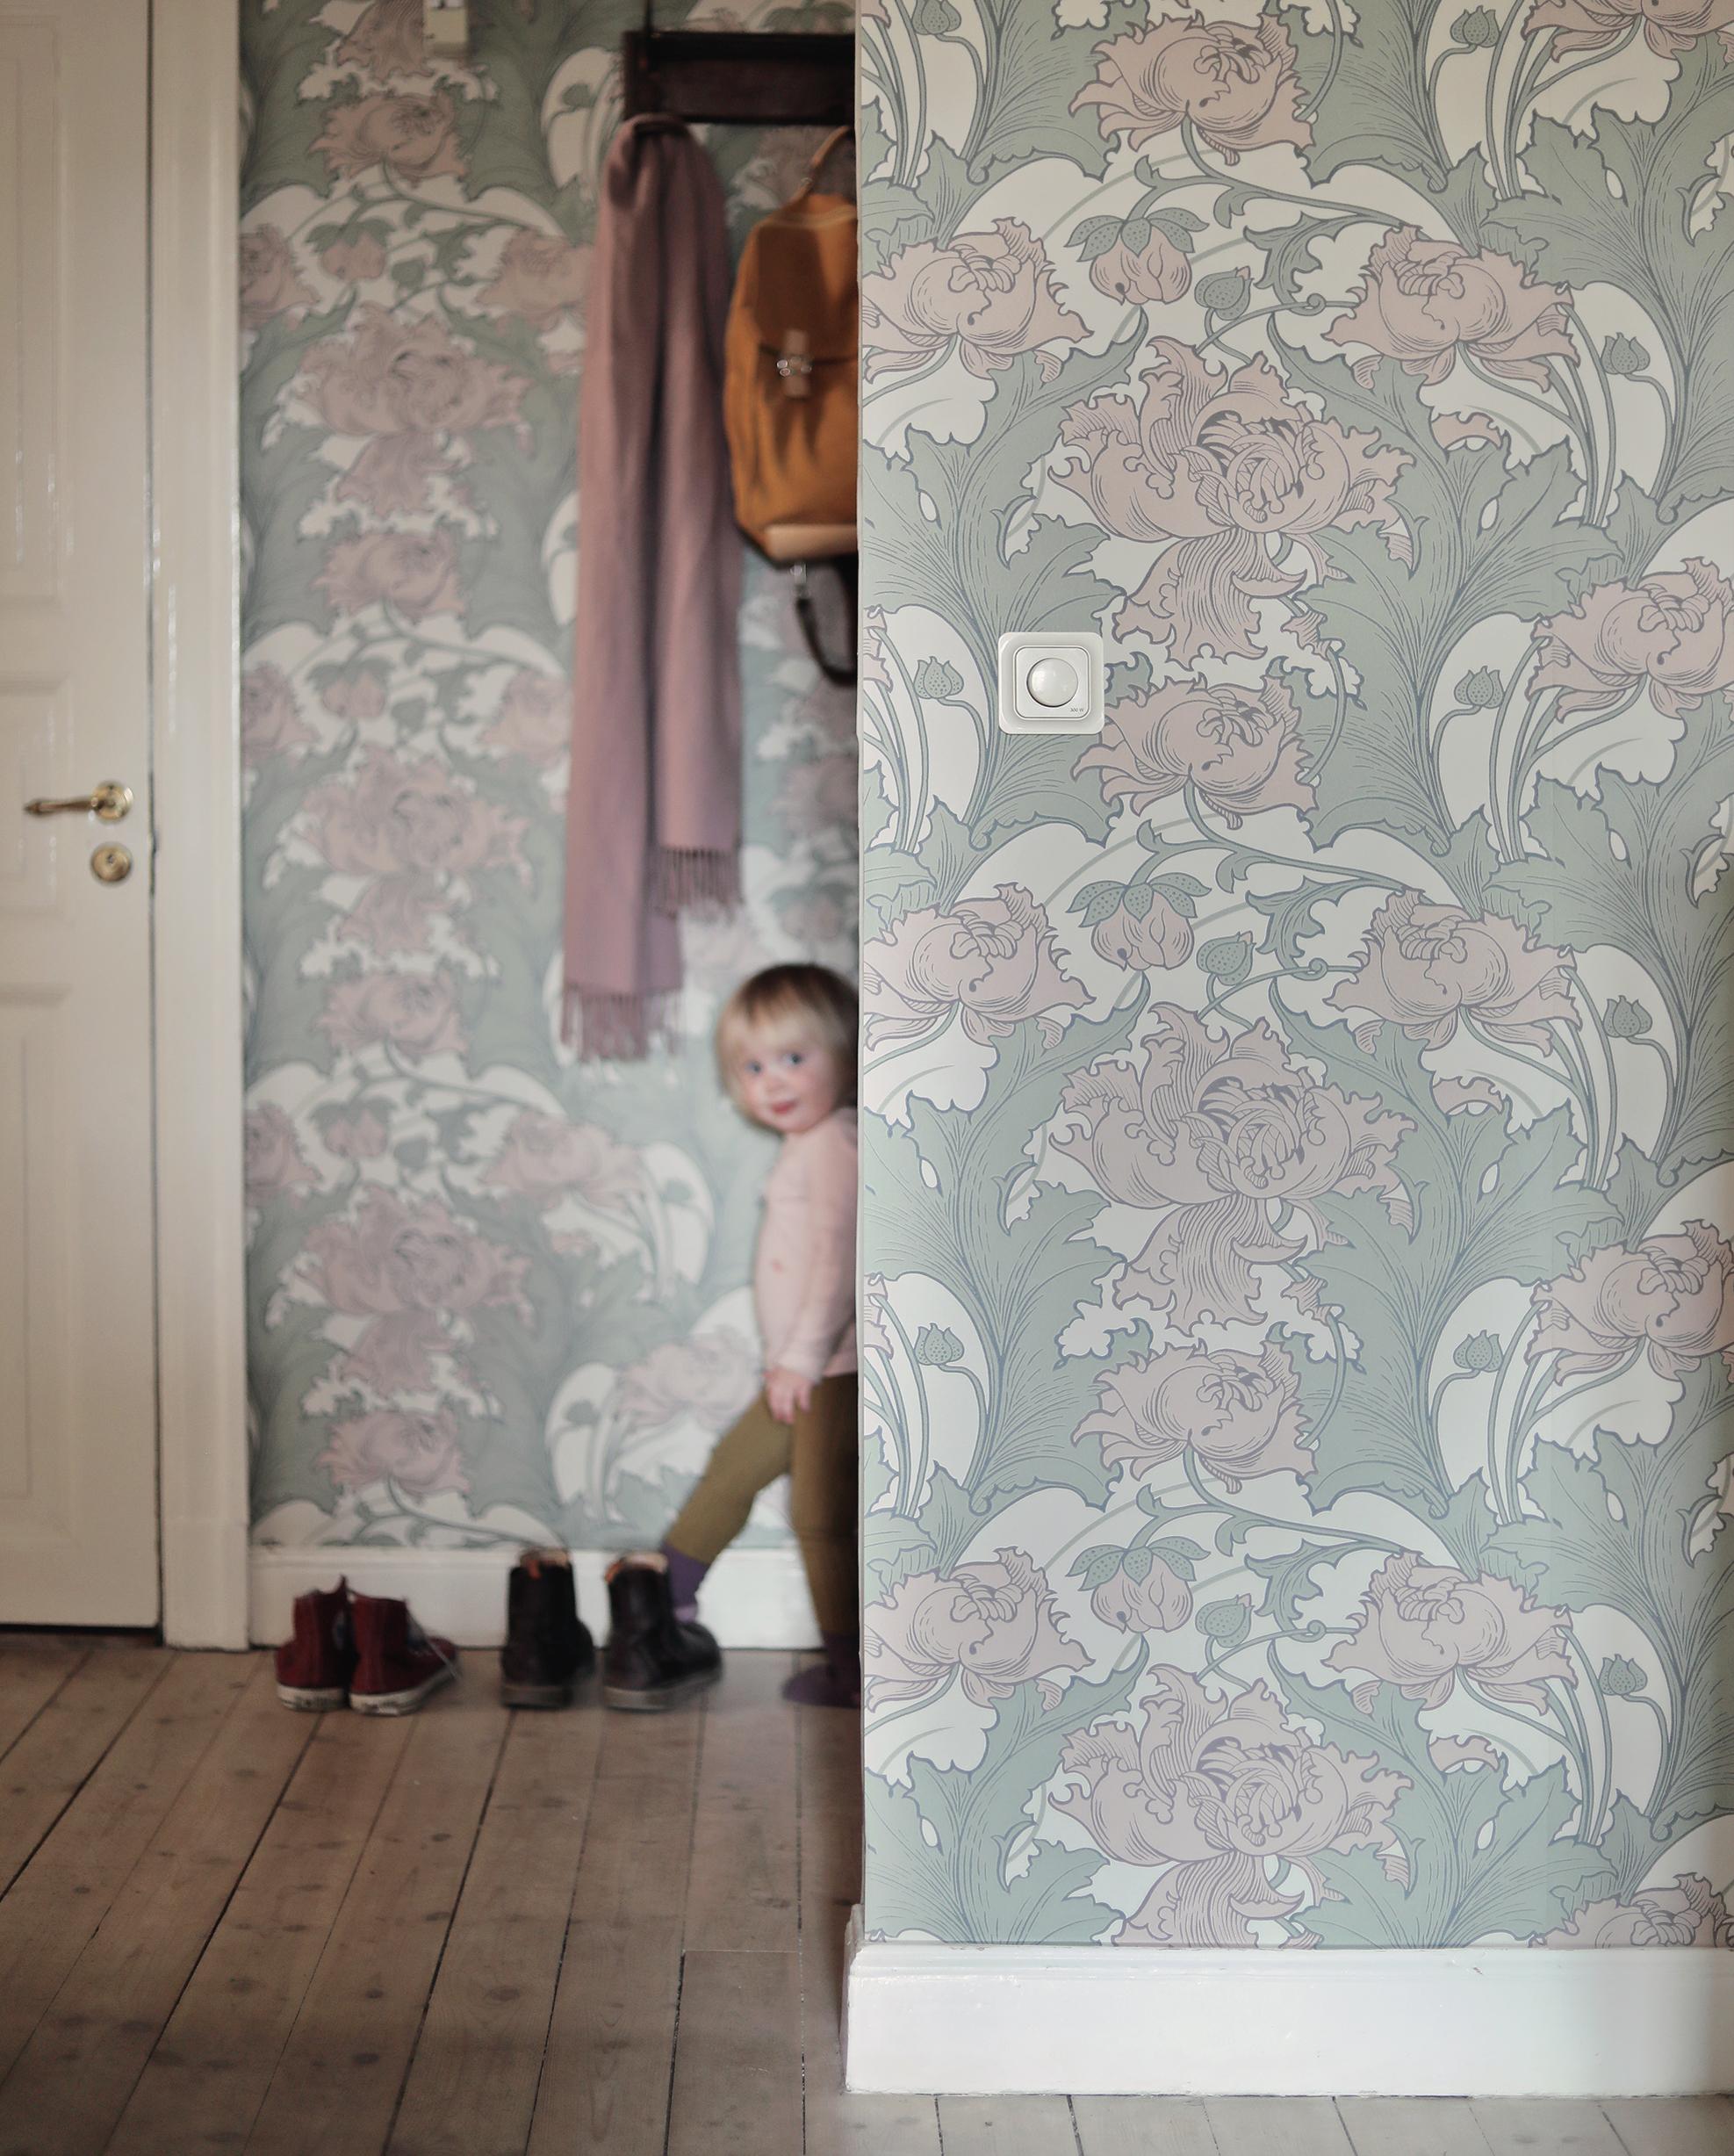 tapet tapeter wallpaper Boråstapeter Siri Anno inredning art nouveau blommor blommig dörr sekelskift